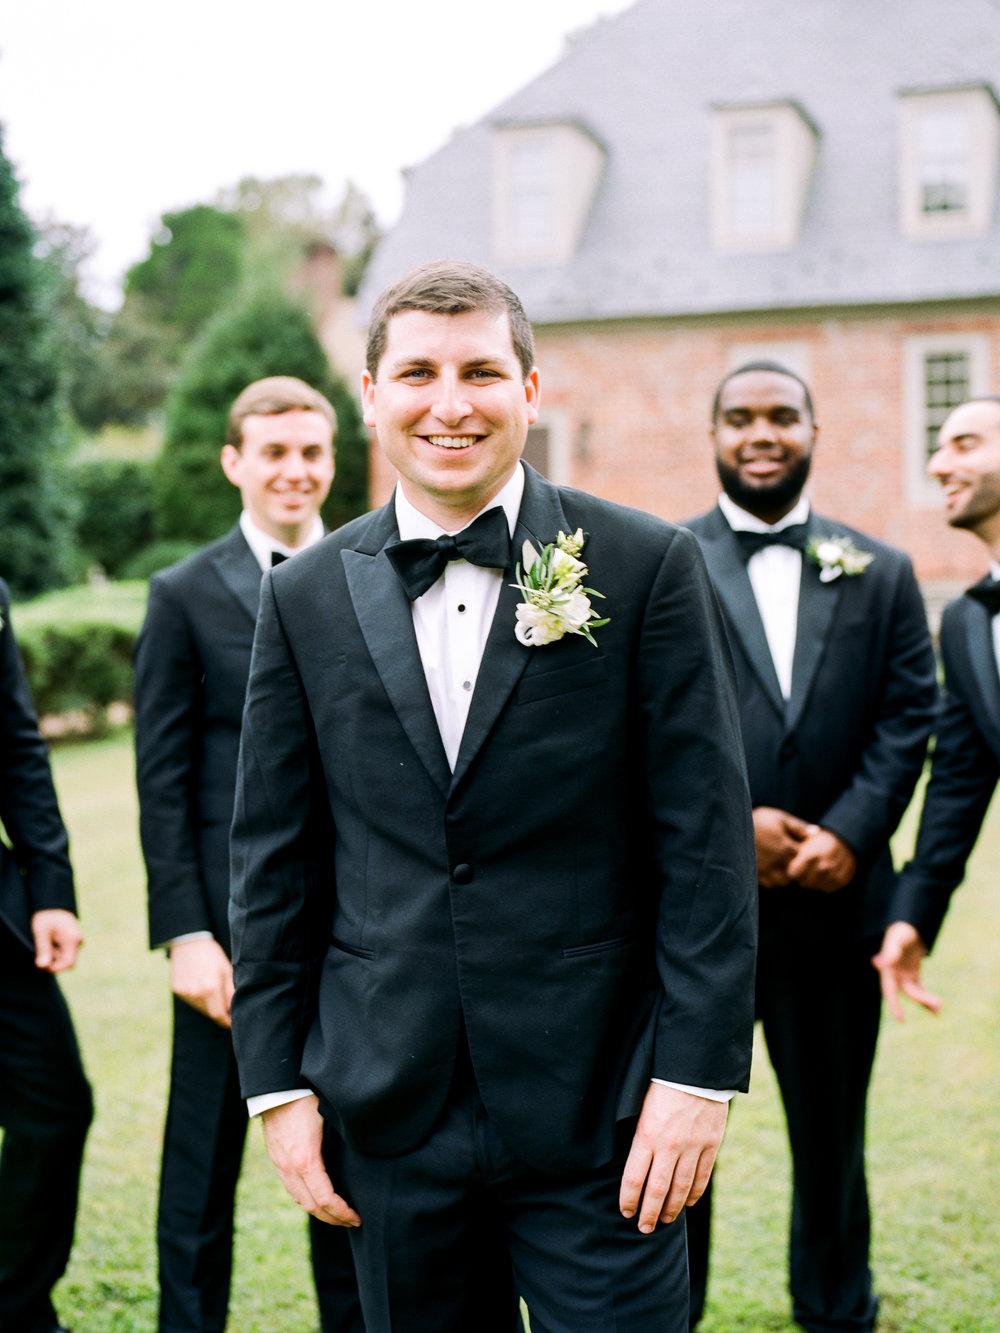 MeganMichael_WeddingParty_AmyNicolePhotography079.jpg